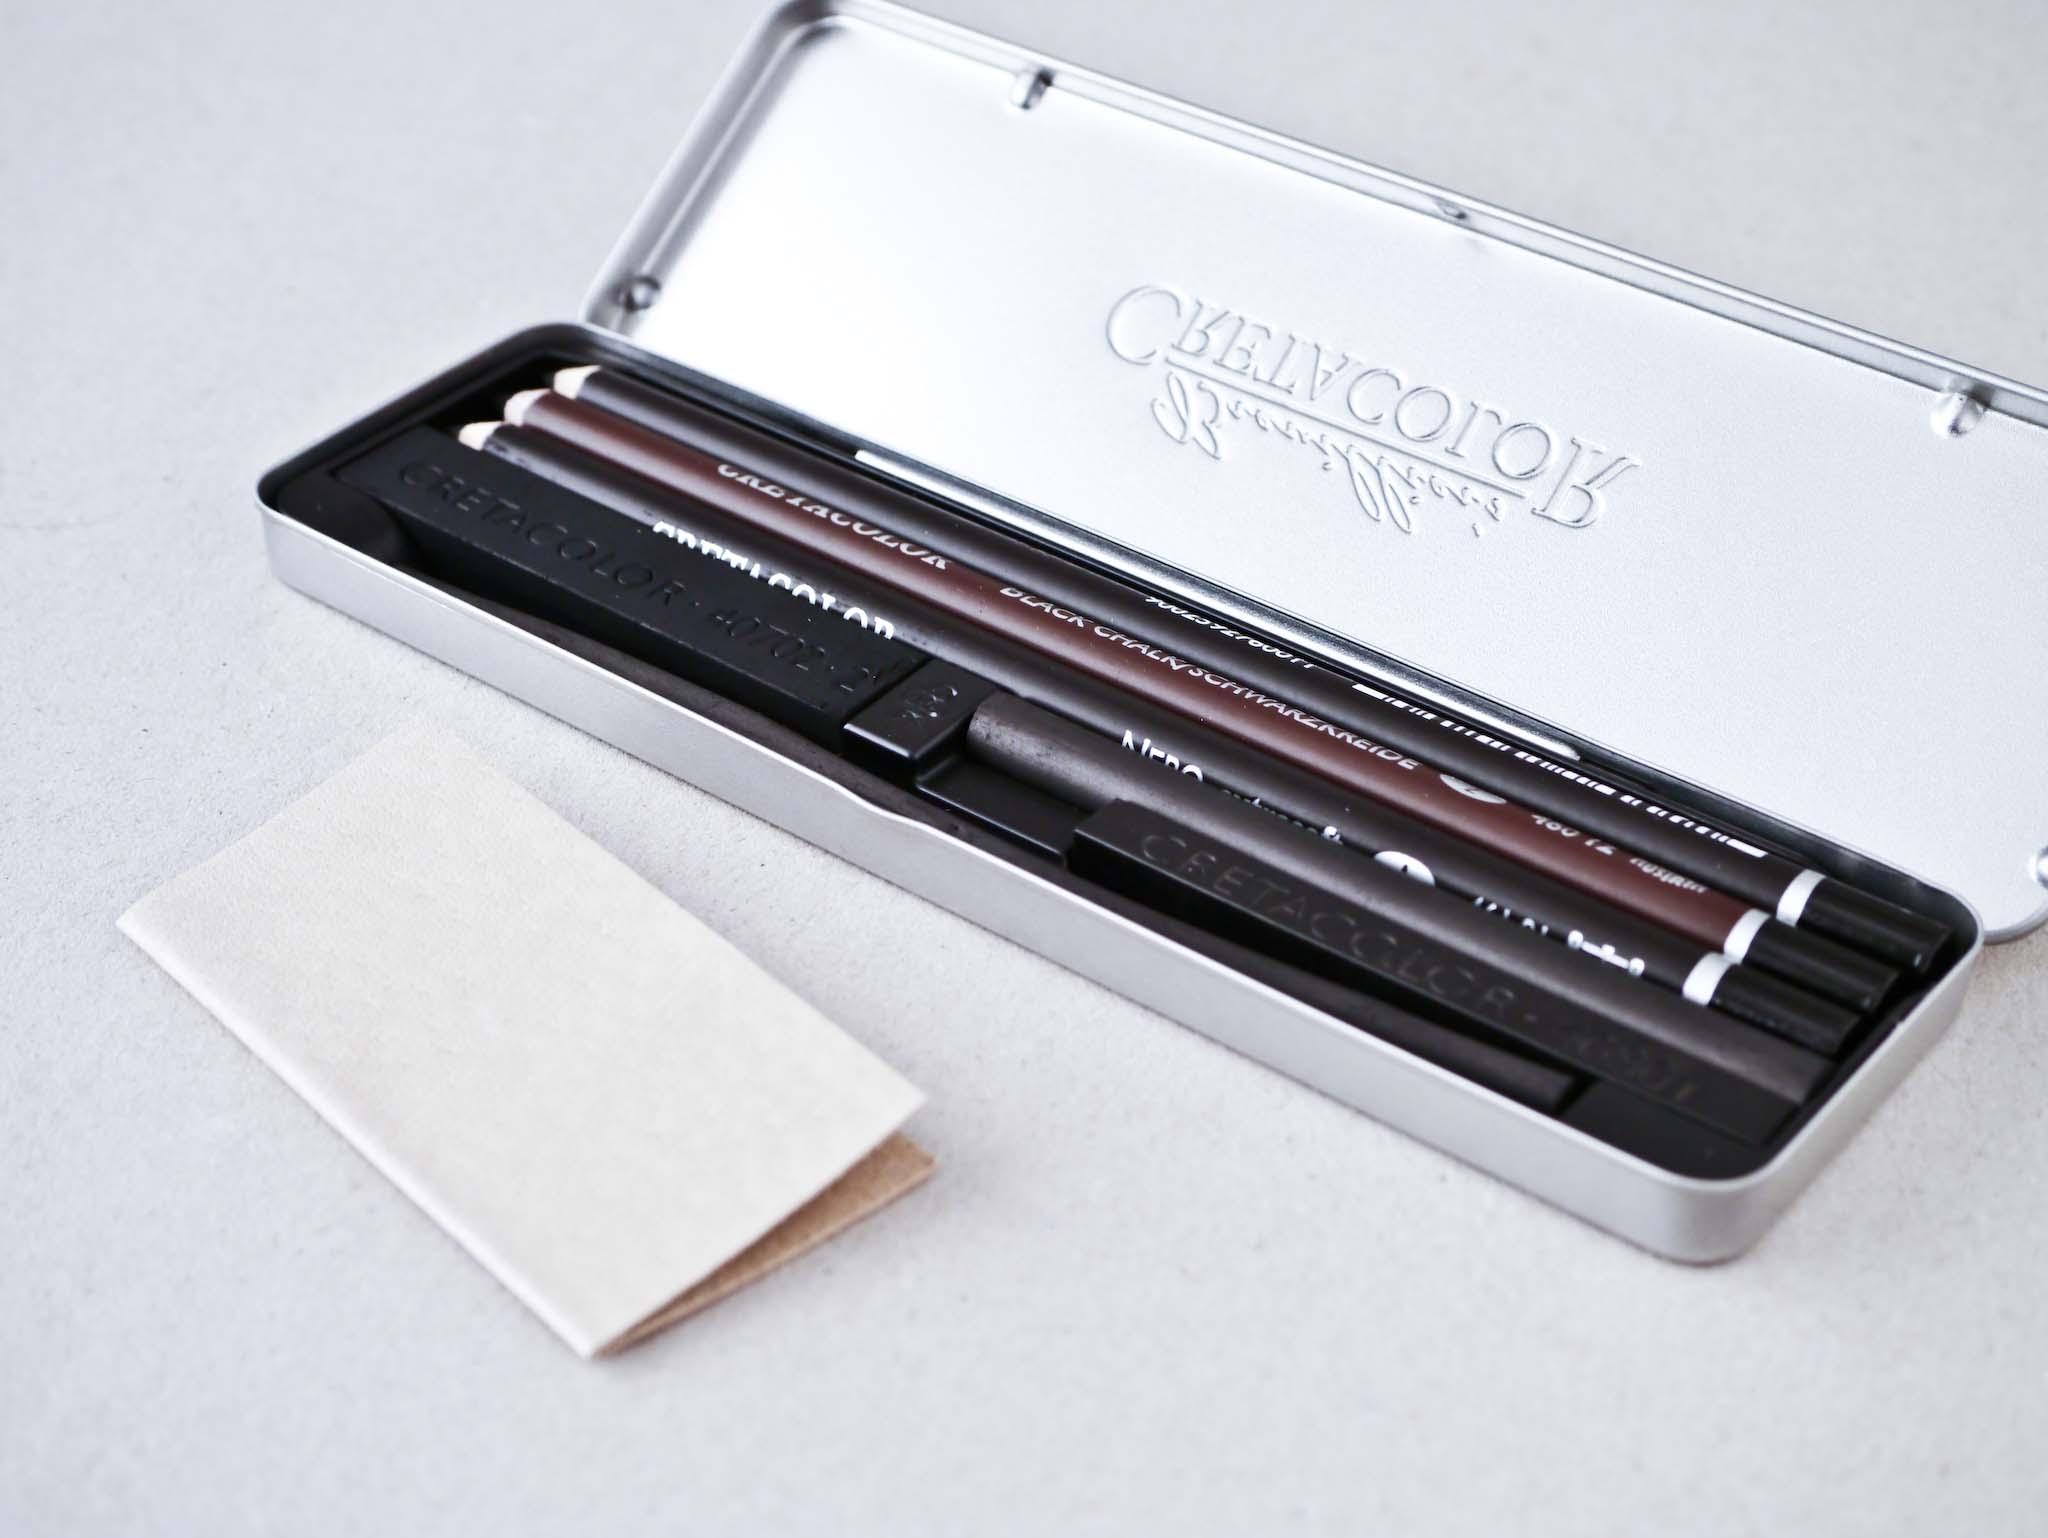 Cretacolor Charcoal Pocket Set